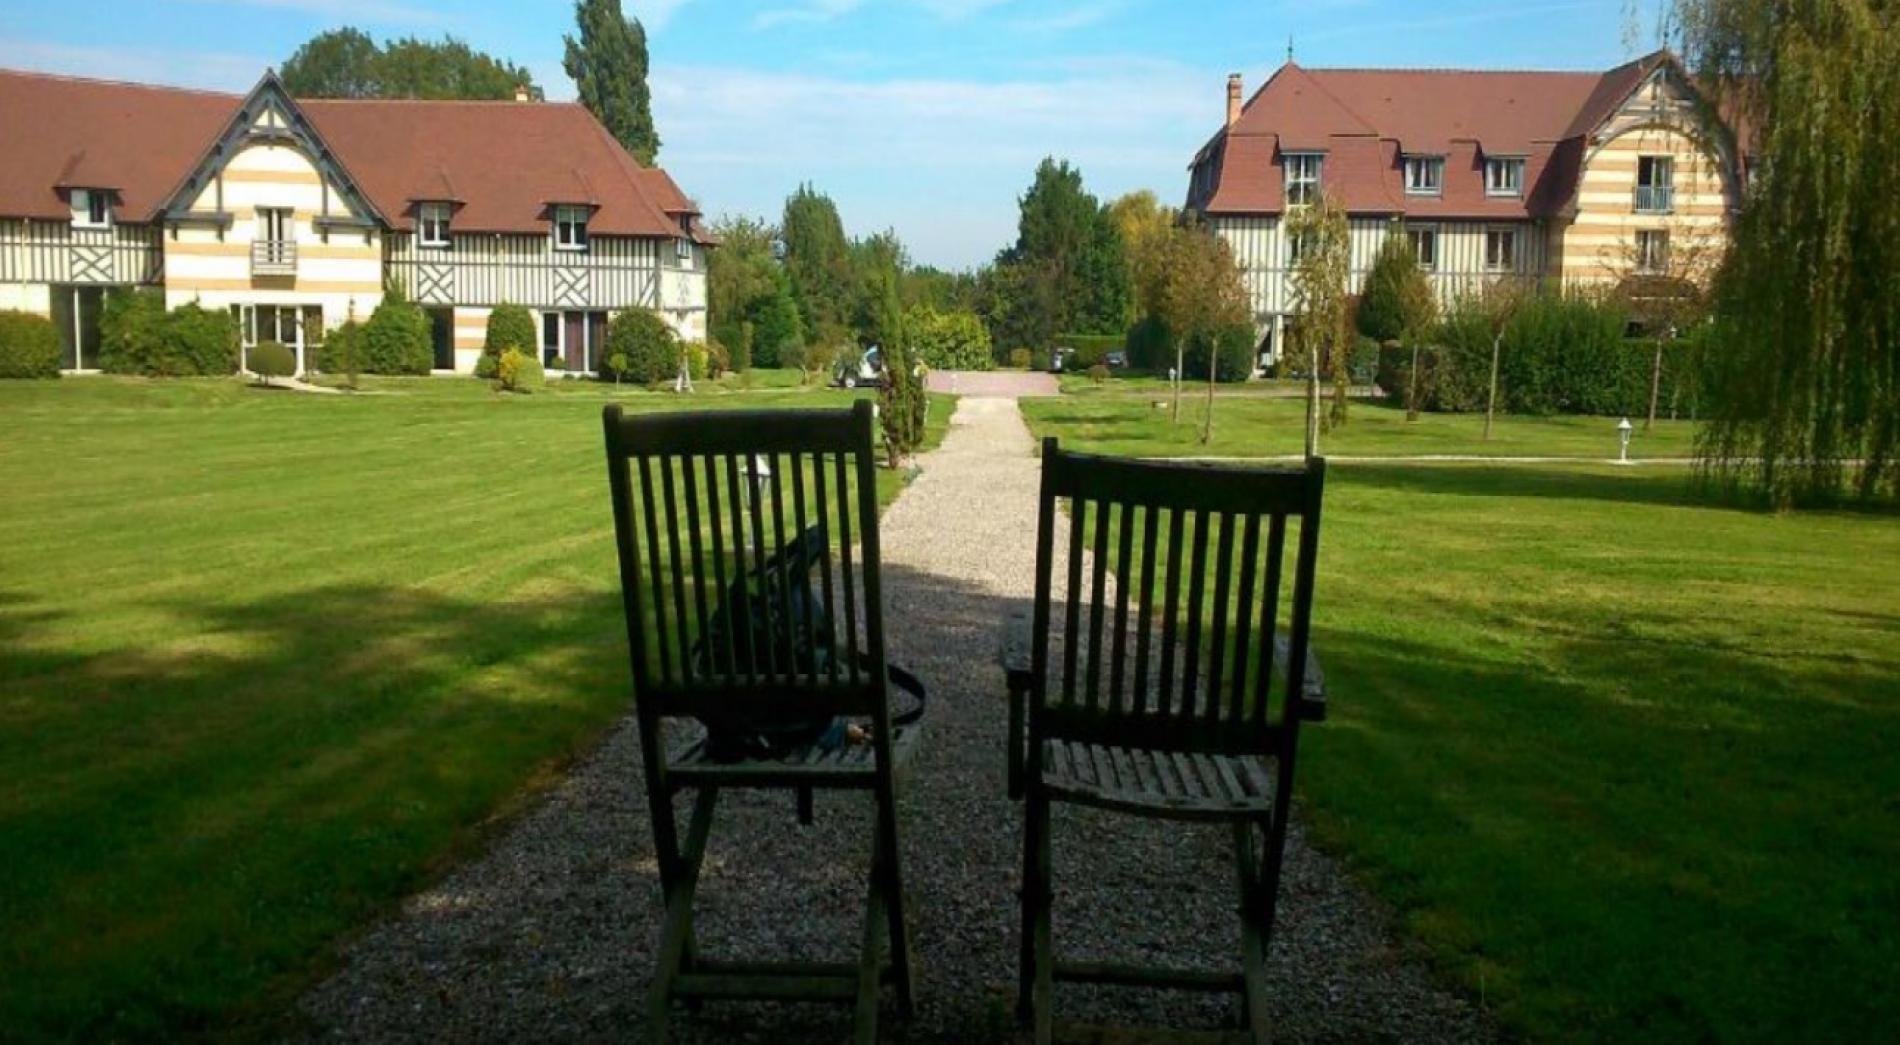 Promenade dans le joli parc en Normandie